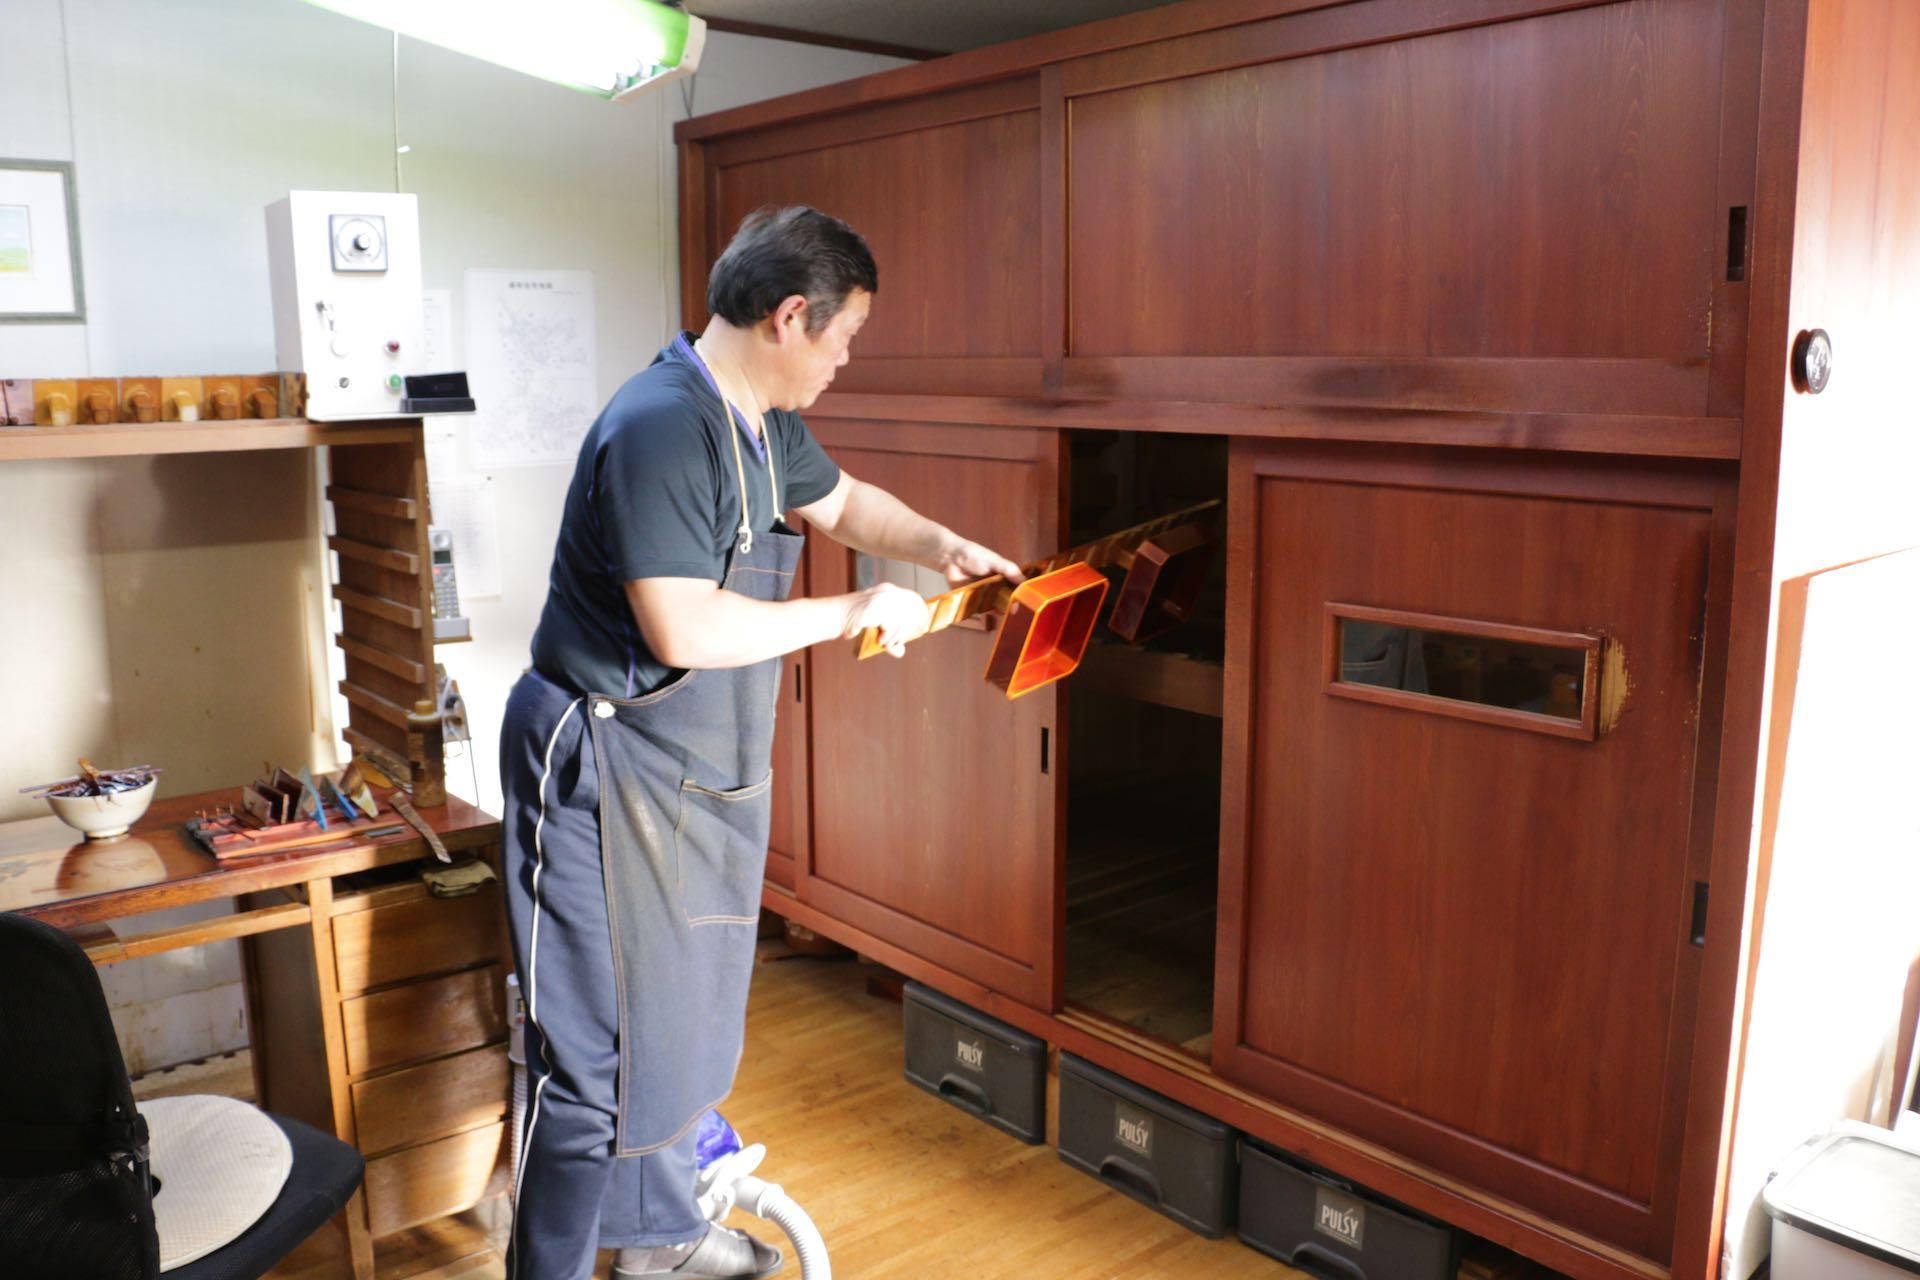 塗り終えた器を漆を乾かす「風炉 (ふろ) 」へ入れているところ